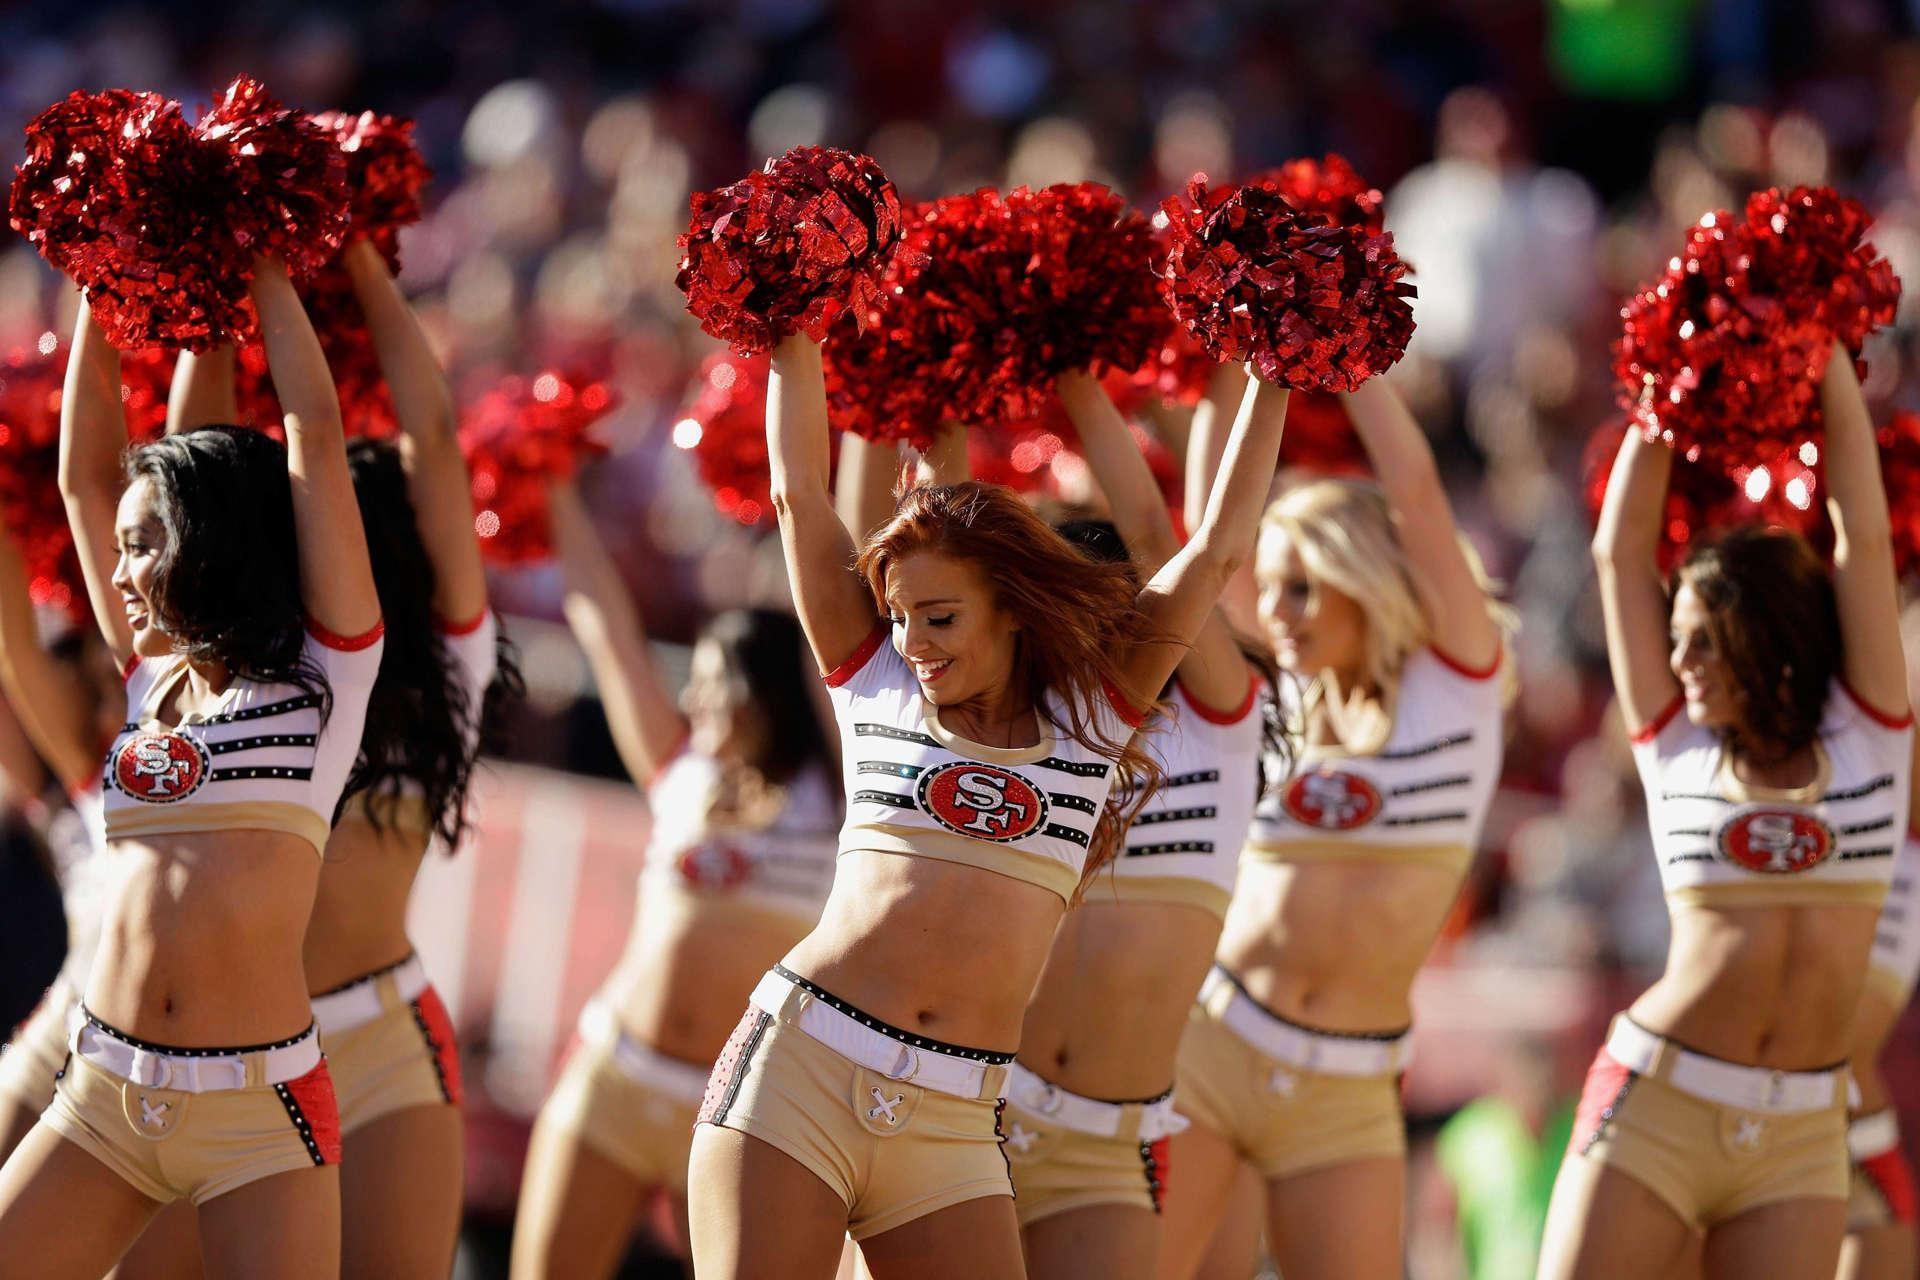 San-Francisco-49ers-Cheerleaders-Wallpapers